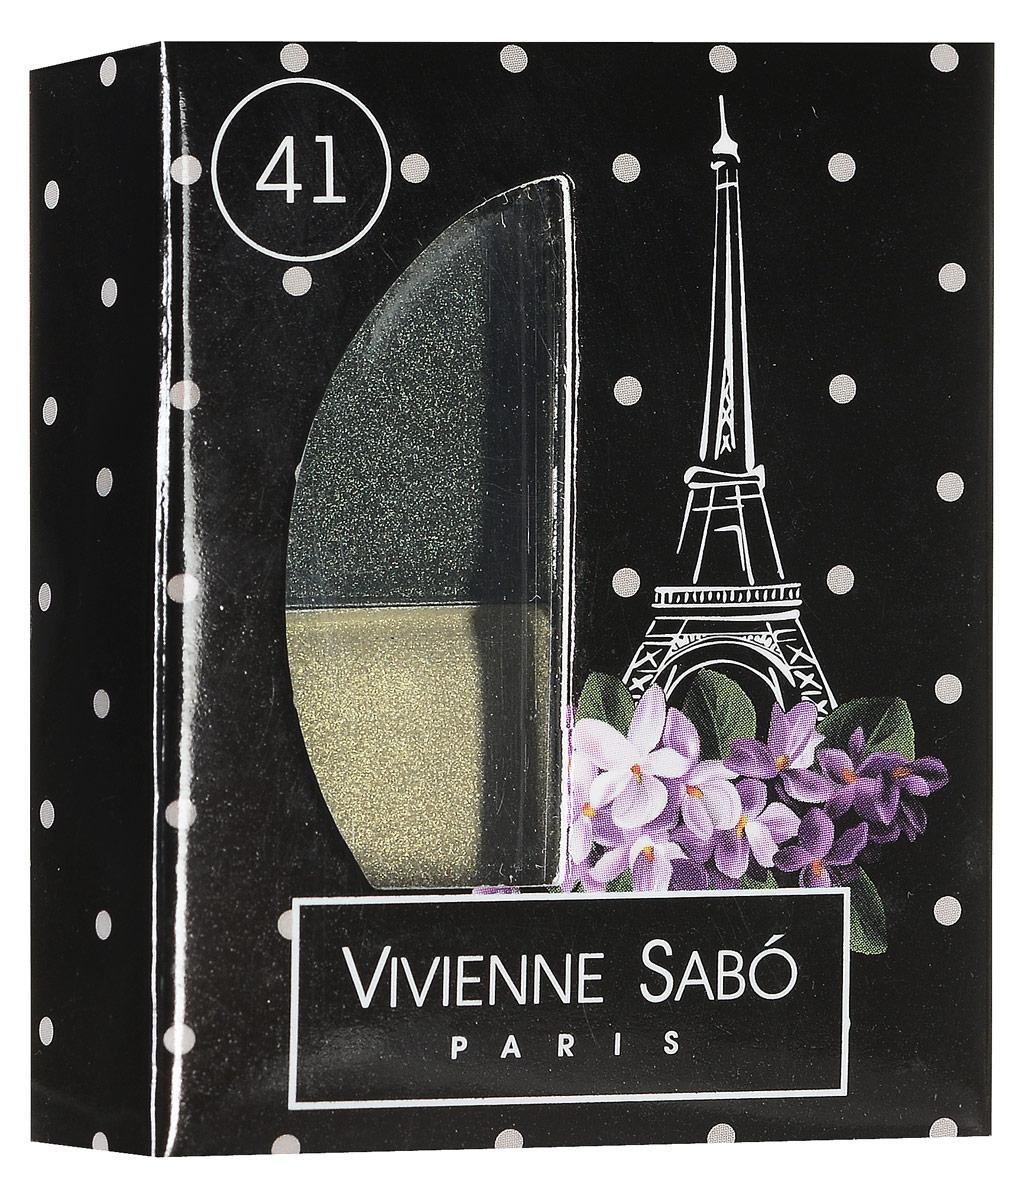 Vivienne Sabo Тени для век двойные Jeter du Chic, тон 41, 2,4 г